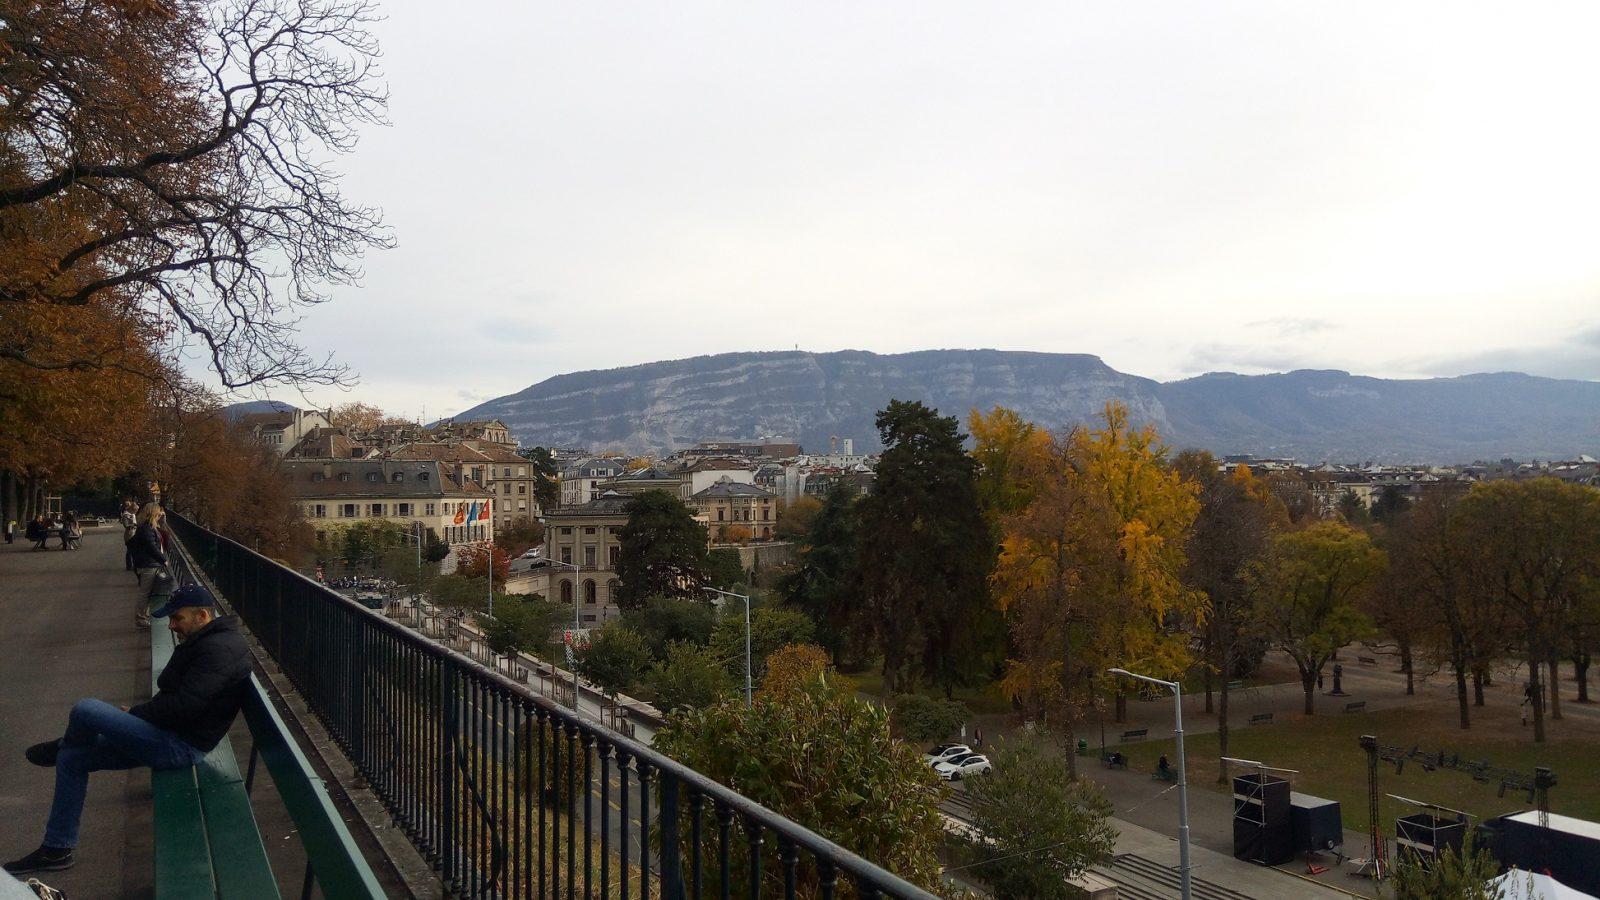 Vue de Genève, en Suisse, depuis les hauteurs de la vieille ville - Photo : Roger Mawulolo